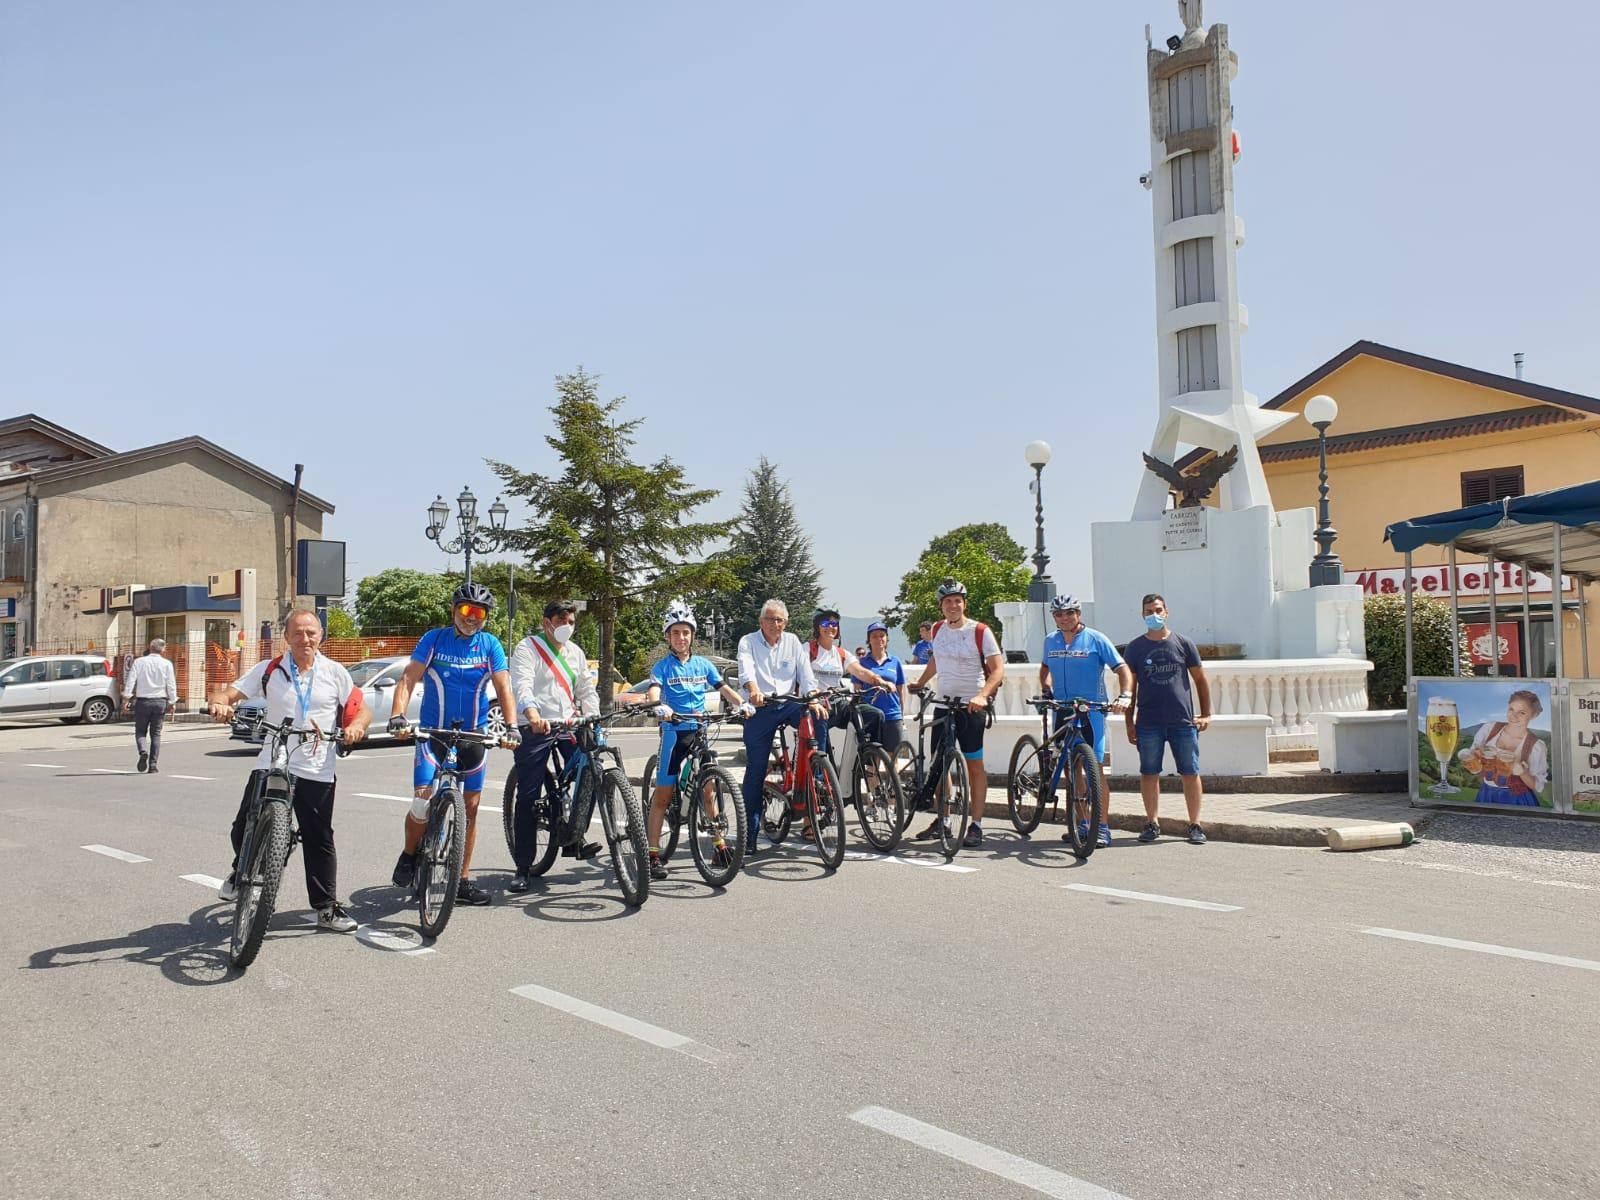 Appennino Bike Tour, la ciclovia dell'Appennino alla scoperta di Fabrizia e Santa Cristina d'Aspromonte